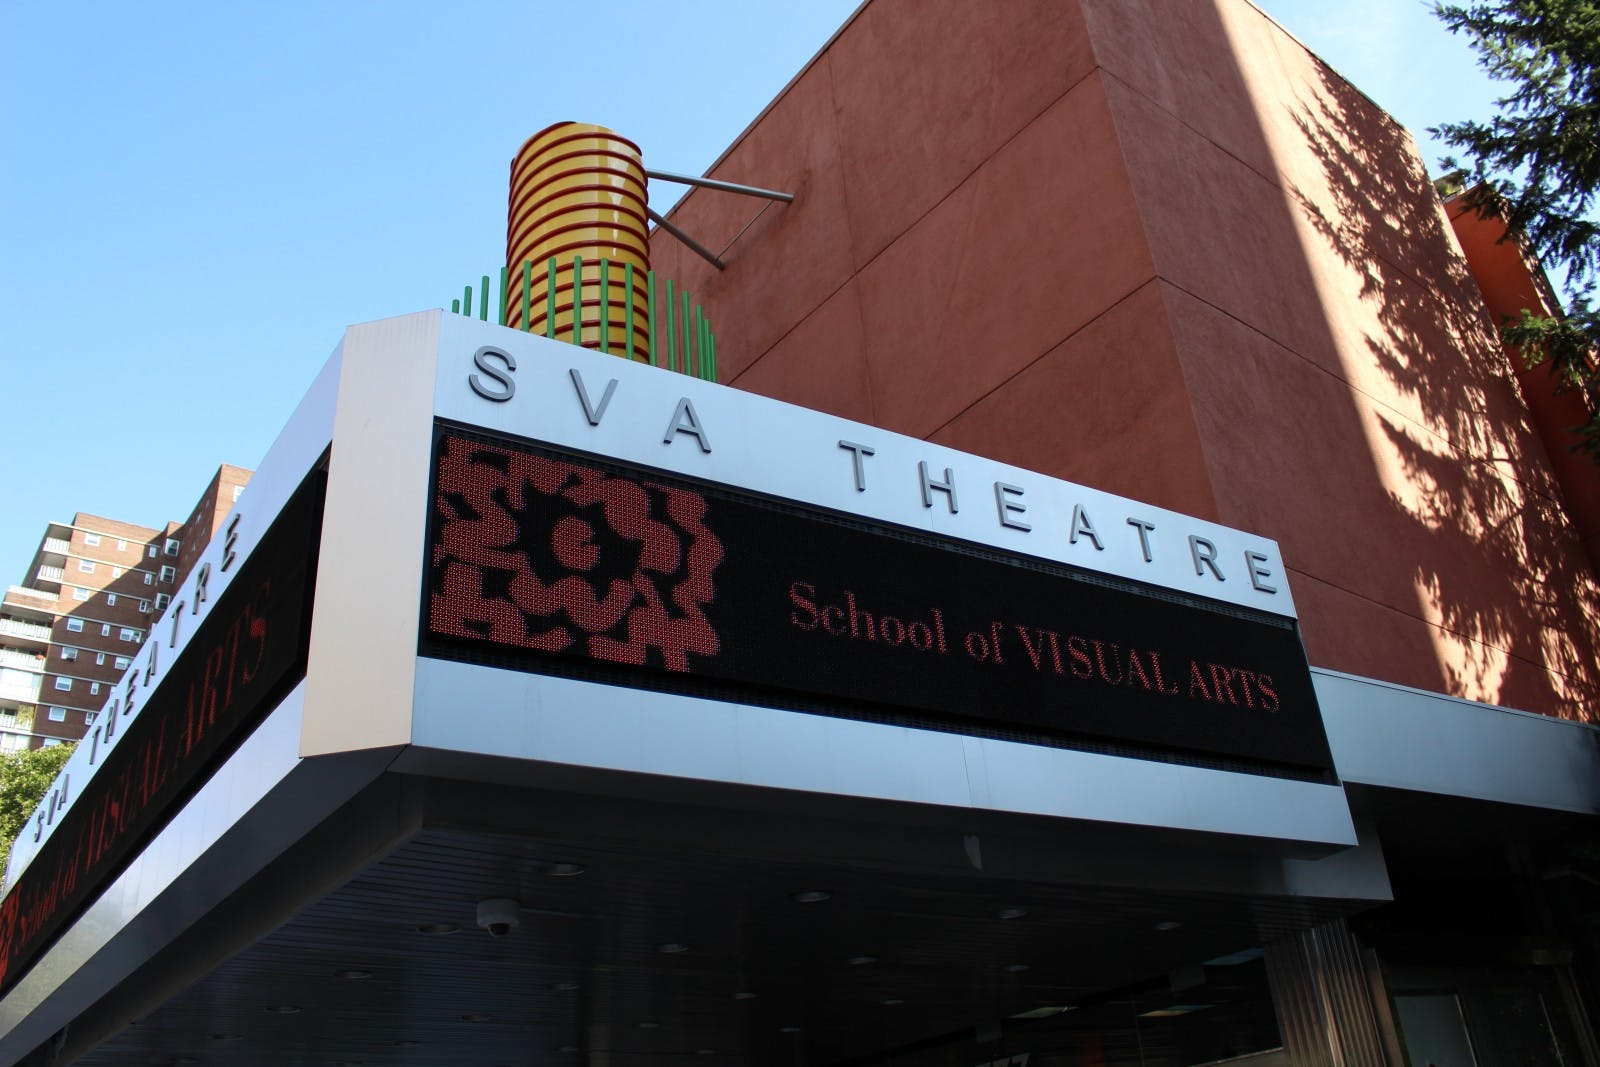 SVA theatre 1600 - ExchangeWire Live!